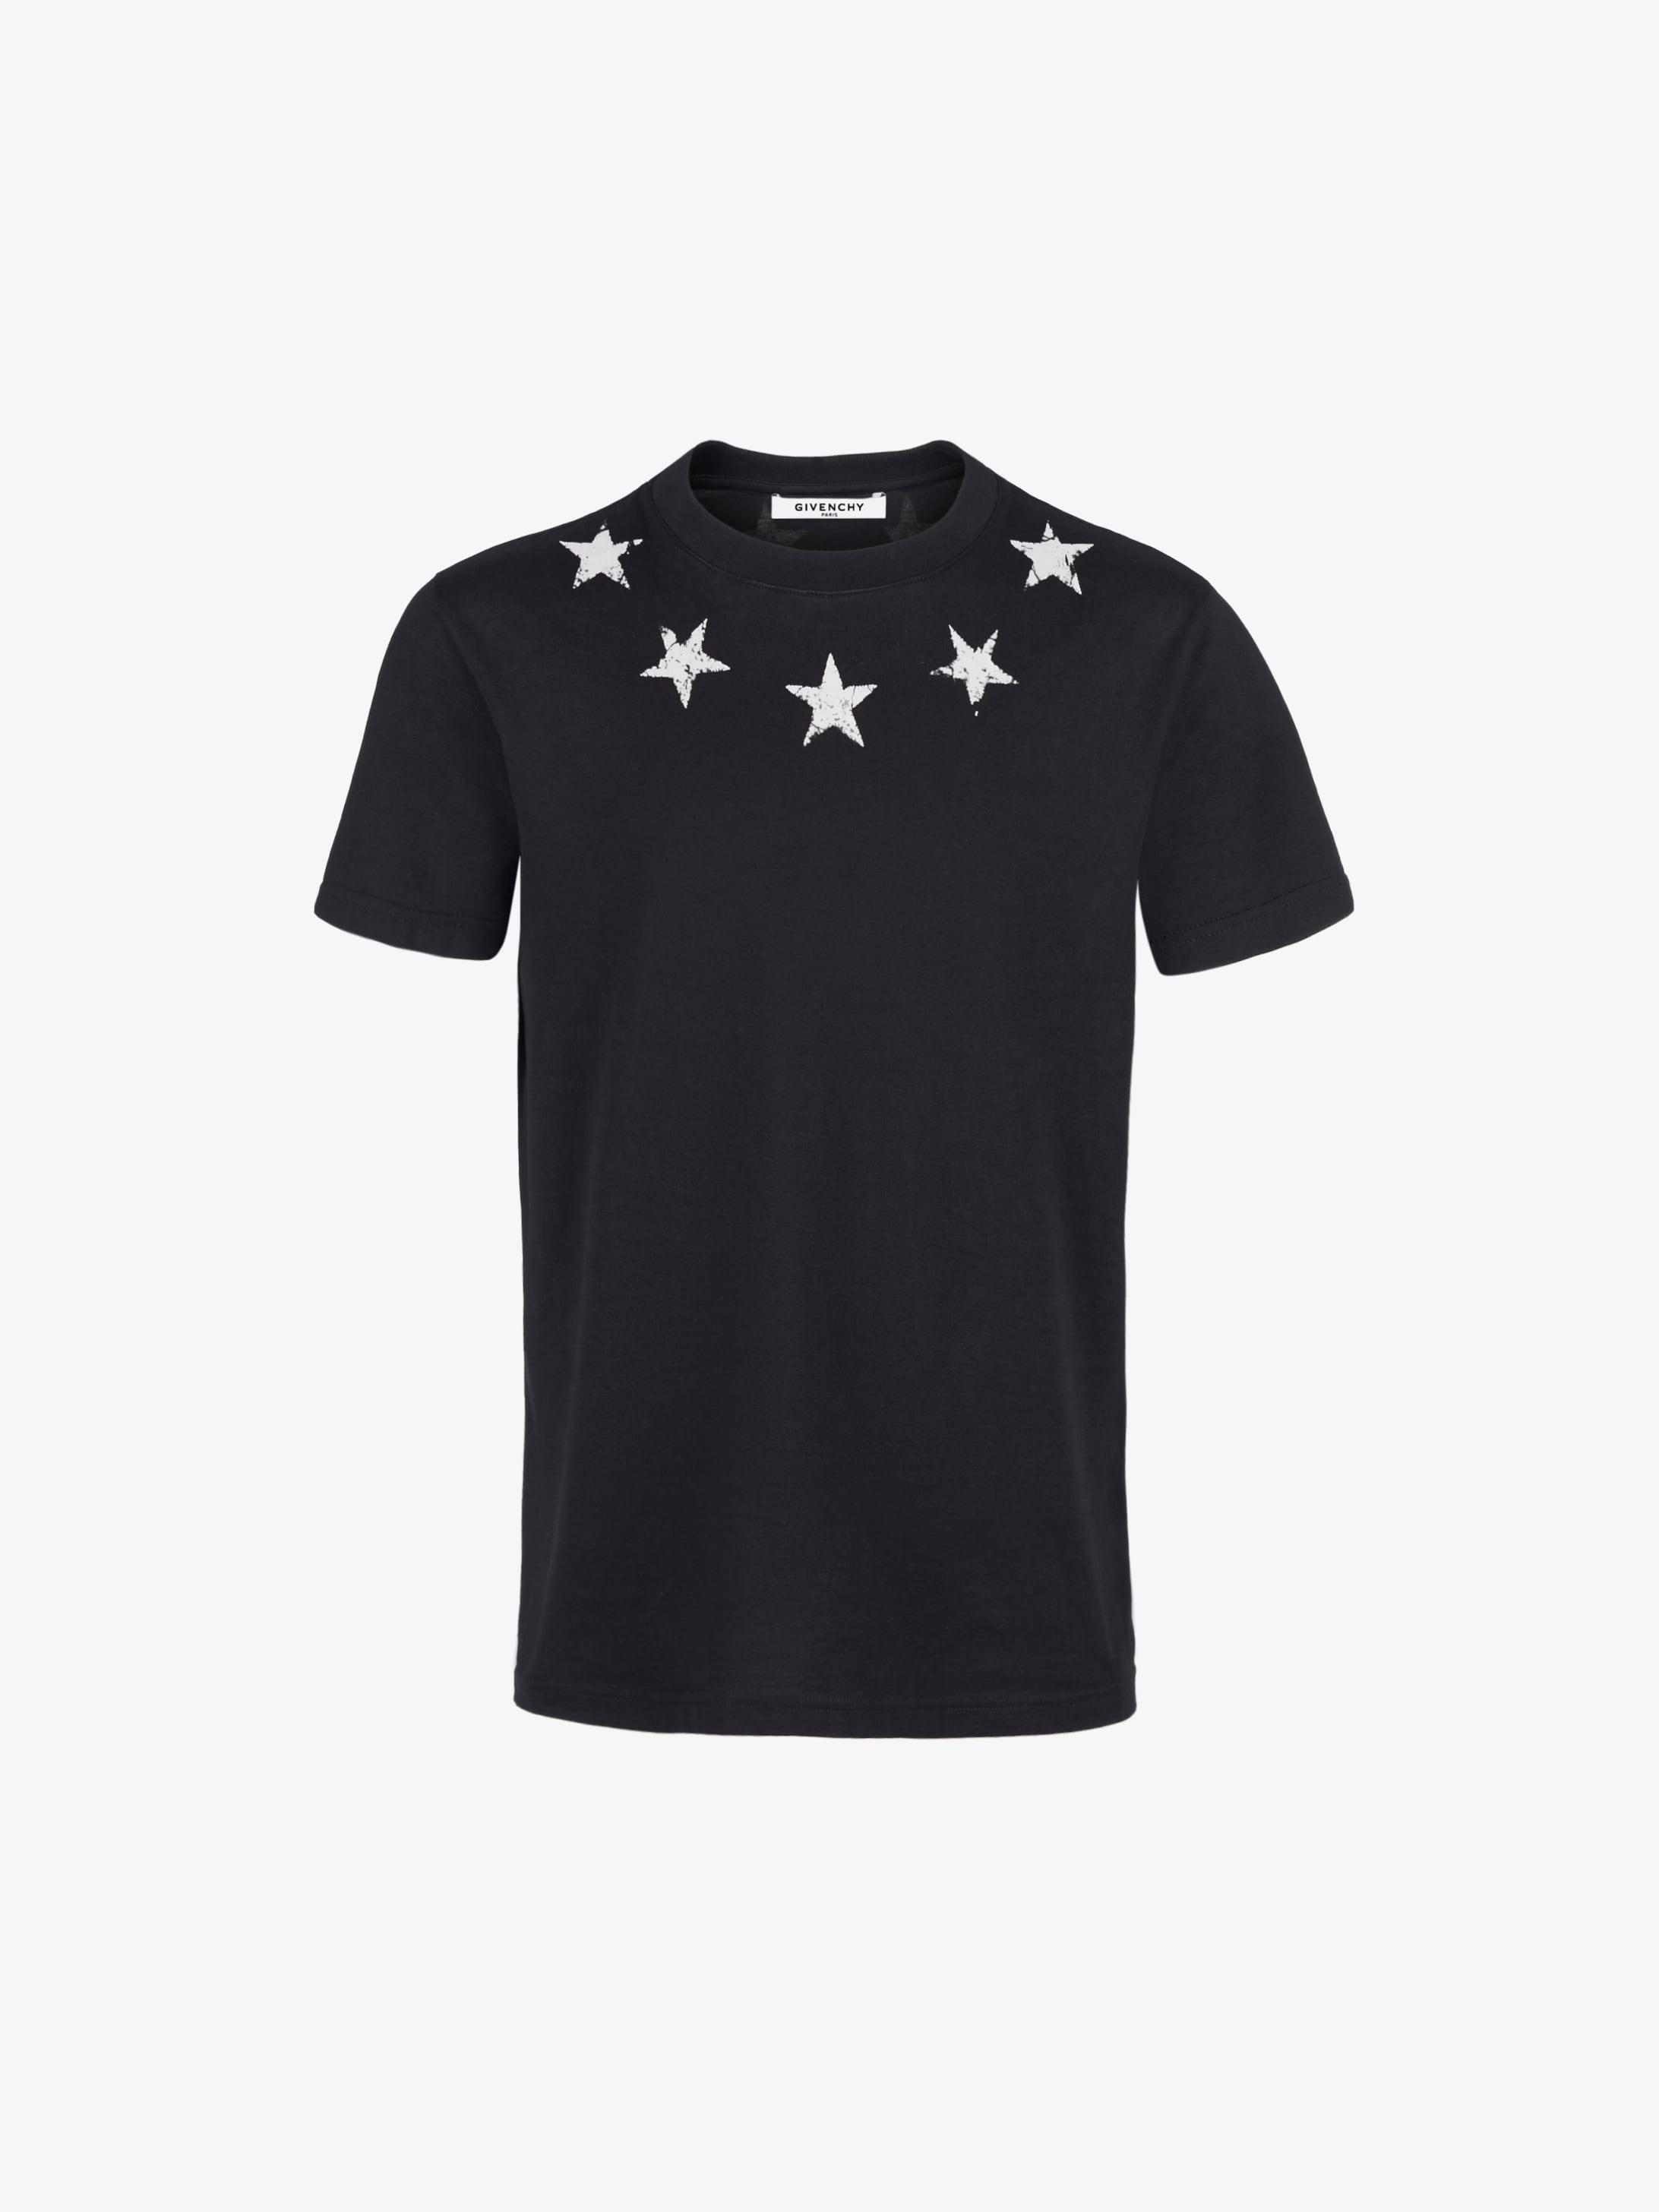 Vintage stars around the neck T-shirt